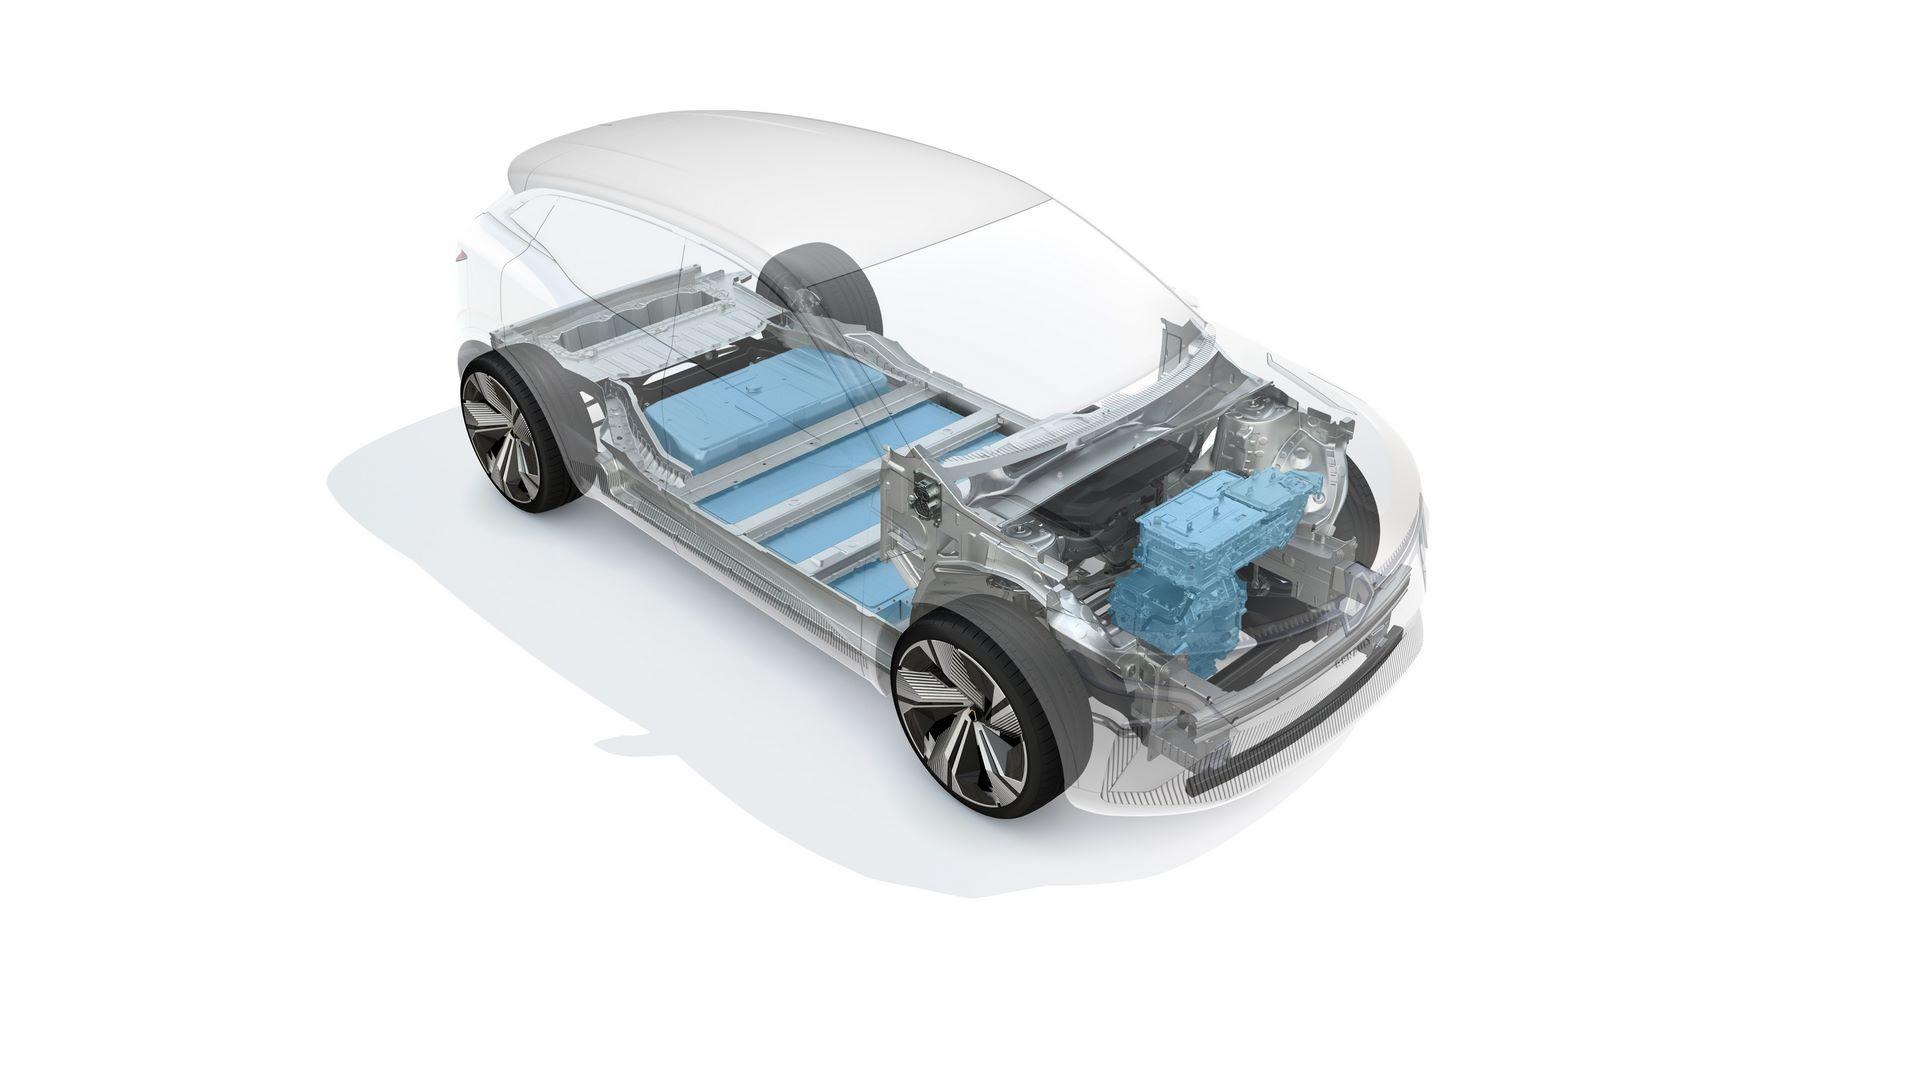 Renault-Megane-eVision-Concept-CFM-EV-31